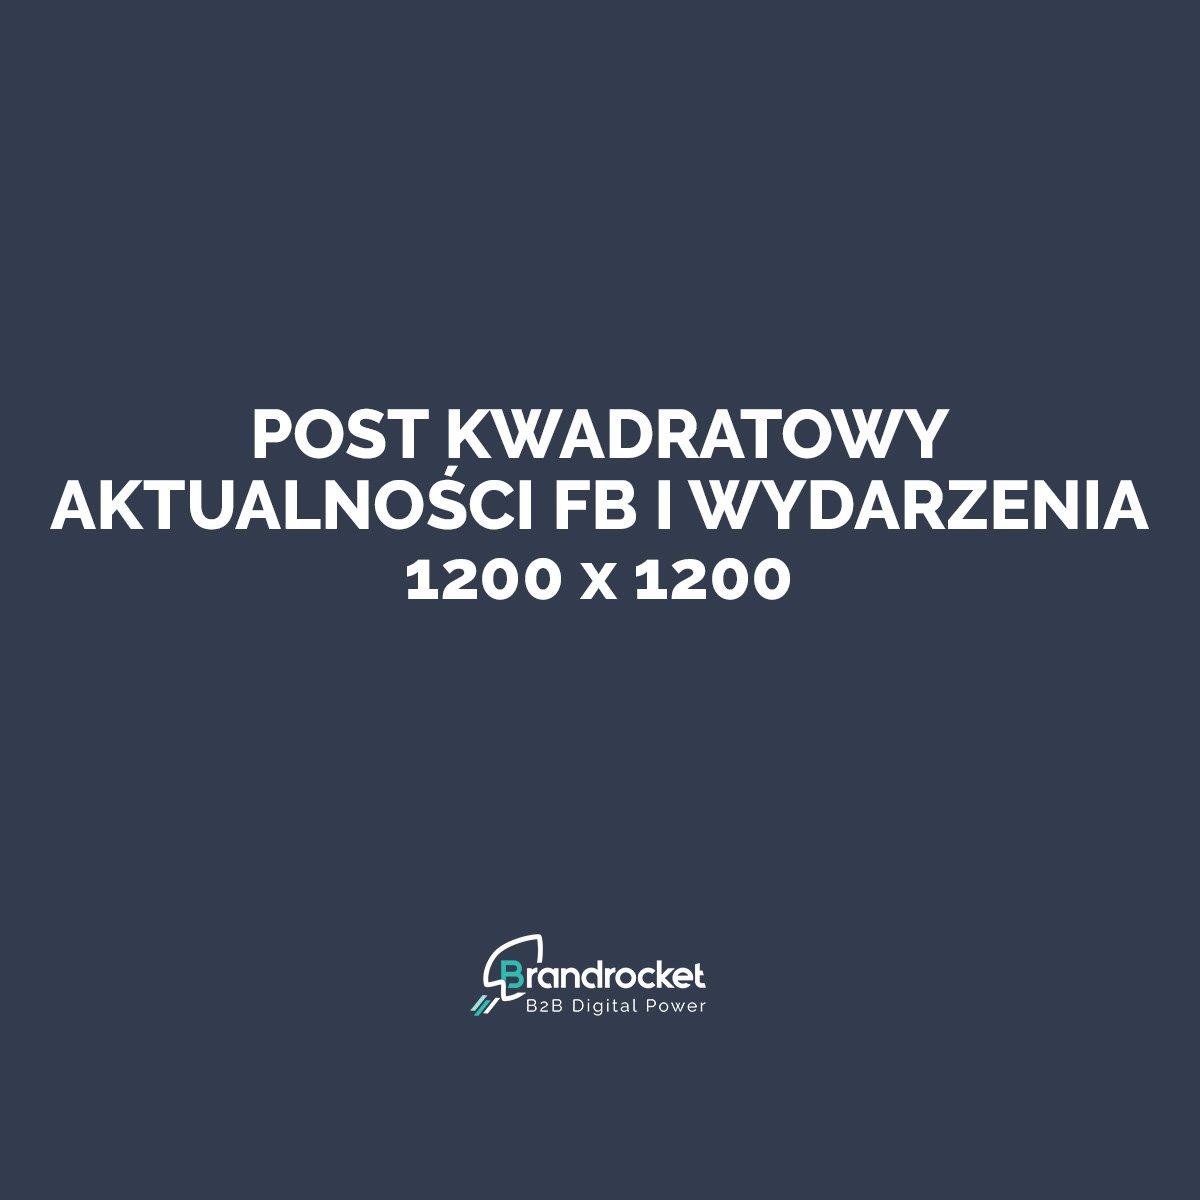 Wymiary grafik na Facebook - post kwadratowy 1200x1200